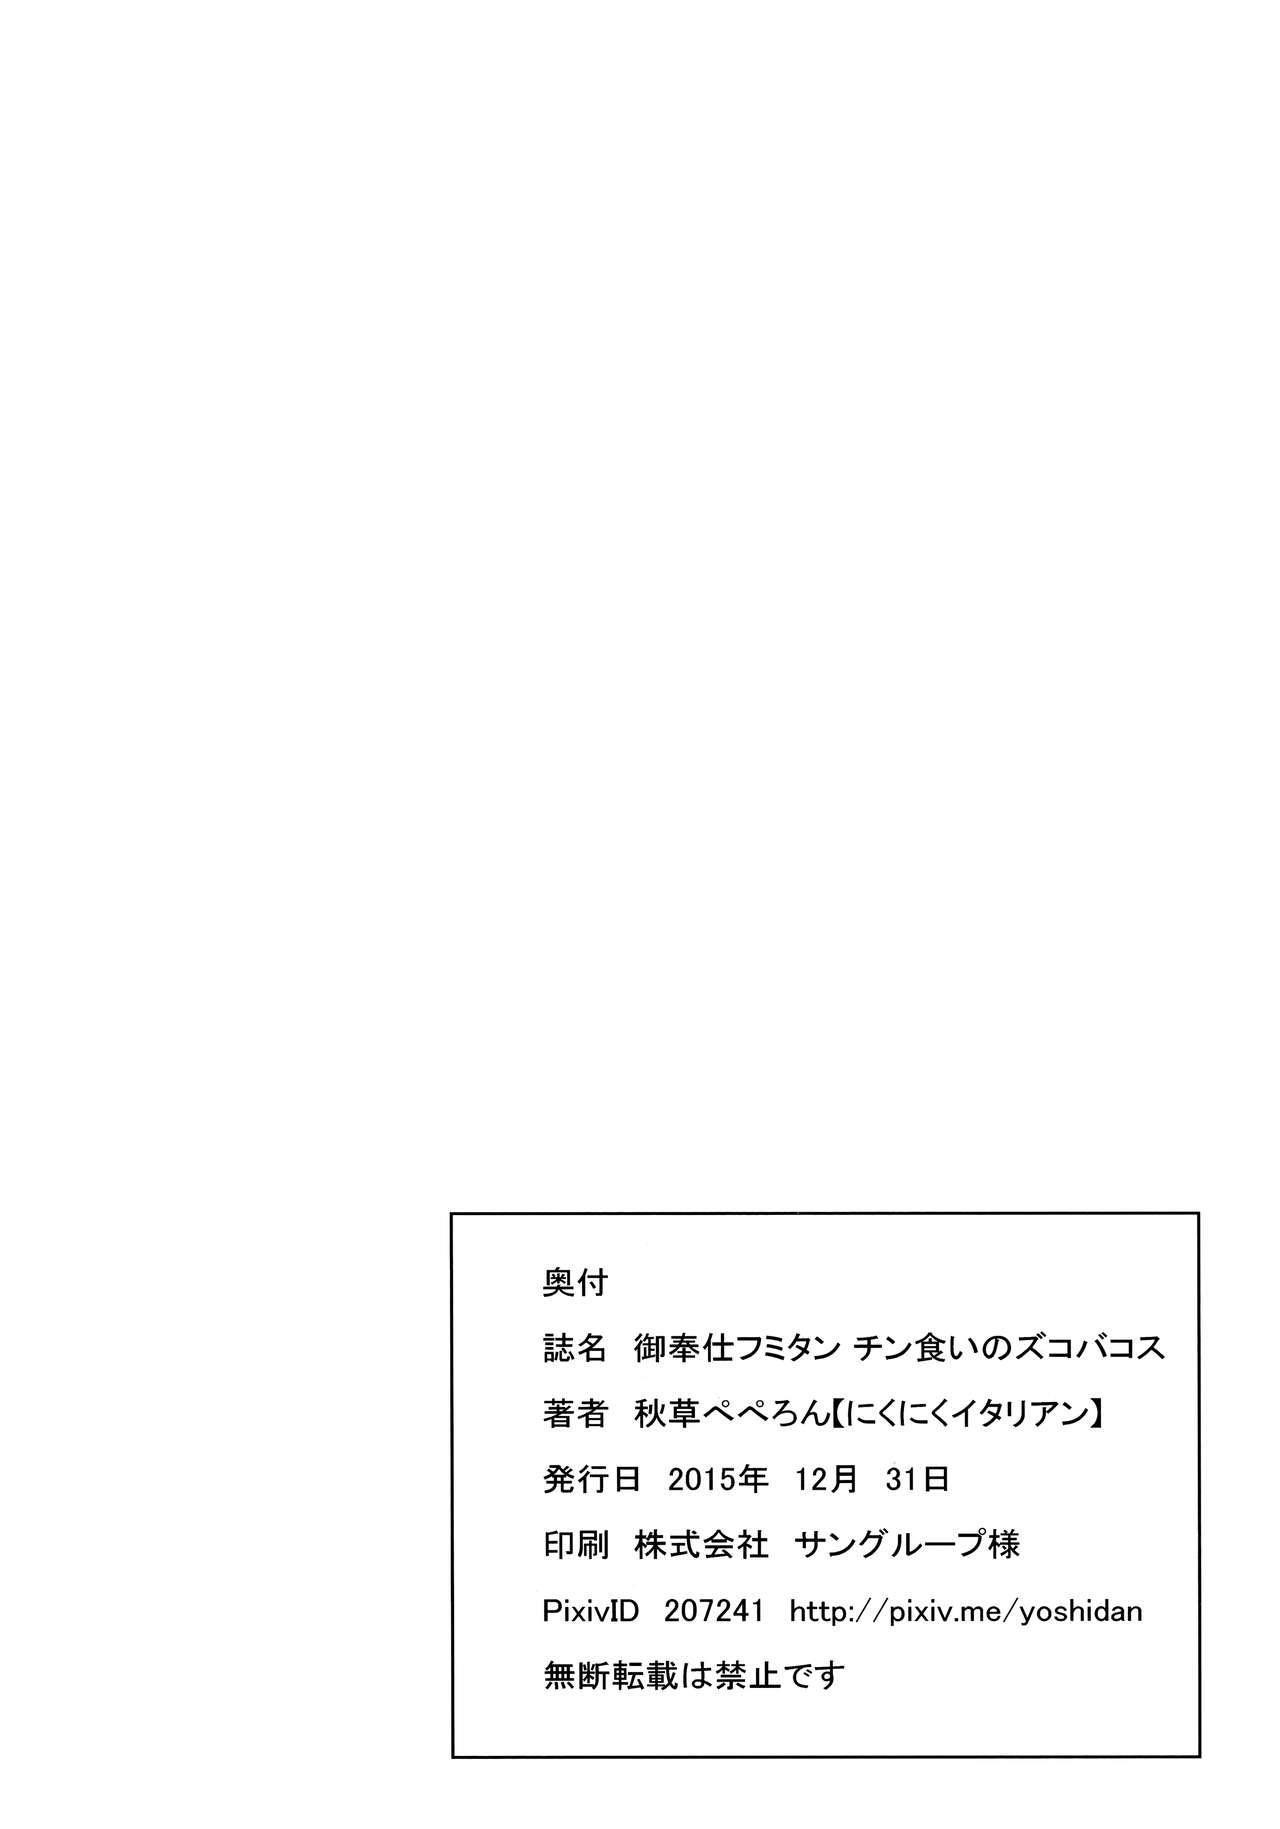 Gohoushi Fumitan Chingui no Zukobakos 20